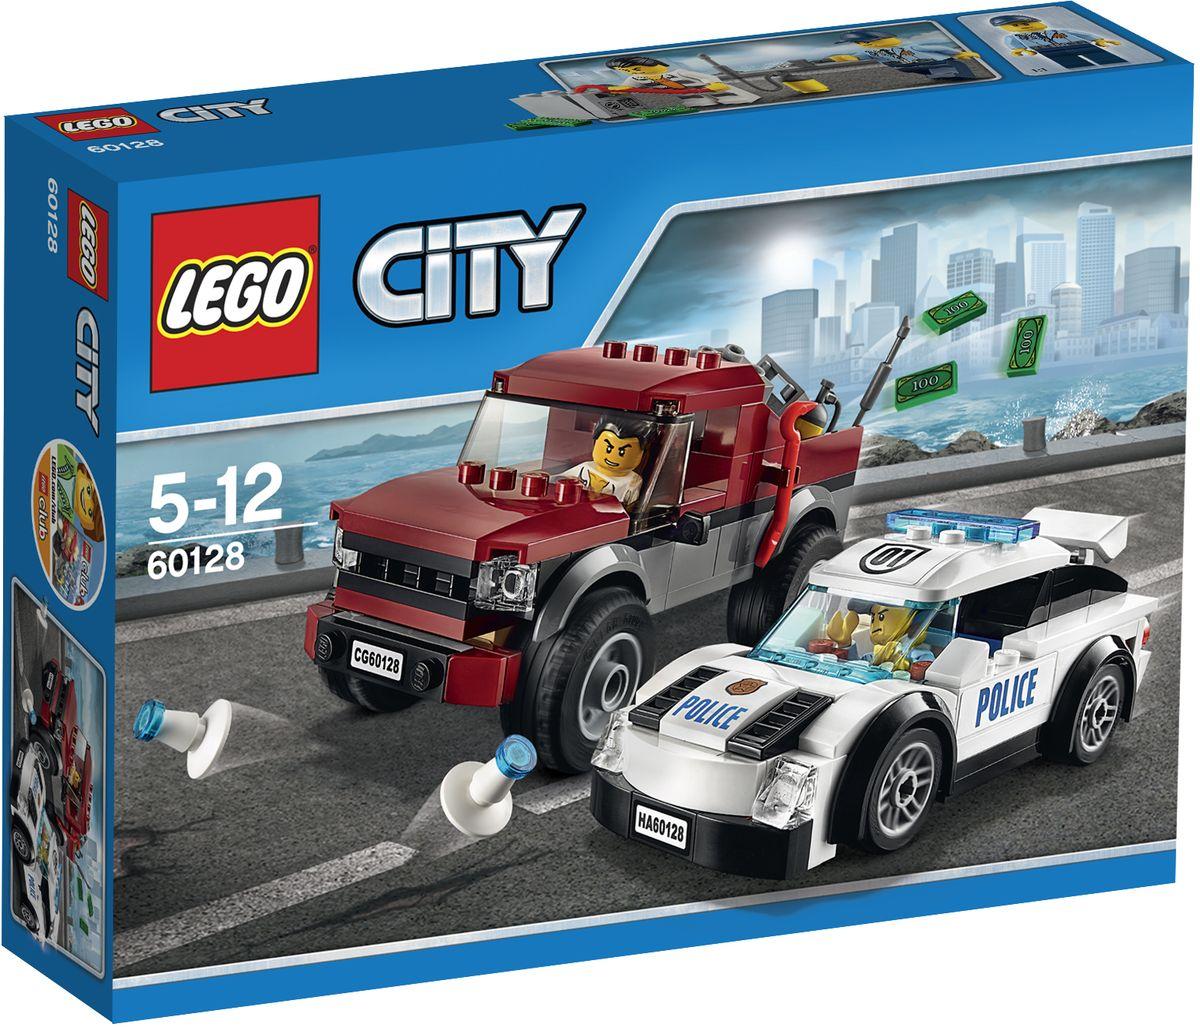 LEGO City Конструктор Полицейская погоня 6012860128Патрулируй улицы города на полицейском суперавтомобиле! Внезапно по радио передают информацию, что кто-то украл сейф. Поверни за угол и лицом к лицу столкнись с воришкой, который пытается открыть похищенный сейф. Если он попытается сбежать, отправляйся за ним в погоню на пикапе. Опереди его, чтобы установить полицейские конусы и остановить преступника. Каждый день в LEGO City полон приключений и сюрпризов! Конструктор LEGO City Полицейская погоня - это один из самых увлекательнейших и веселых способов времяпрепровождения. Ребенок сможет часами играть с конструктором, придумывая различные ситуации и истории. В набор также входят 2 мини-фигурки полицейского и преступника. В процессе игры с конструкторами LEGO дети приобретают и постигают такие необходимые навыки как познание, творчество, воображение. Обычные наблюдения за детьми показывают, что единственное, чему они с удовольствием посвящают время, - это игры. Игра - это состояние души, это веселый опыт...